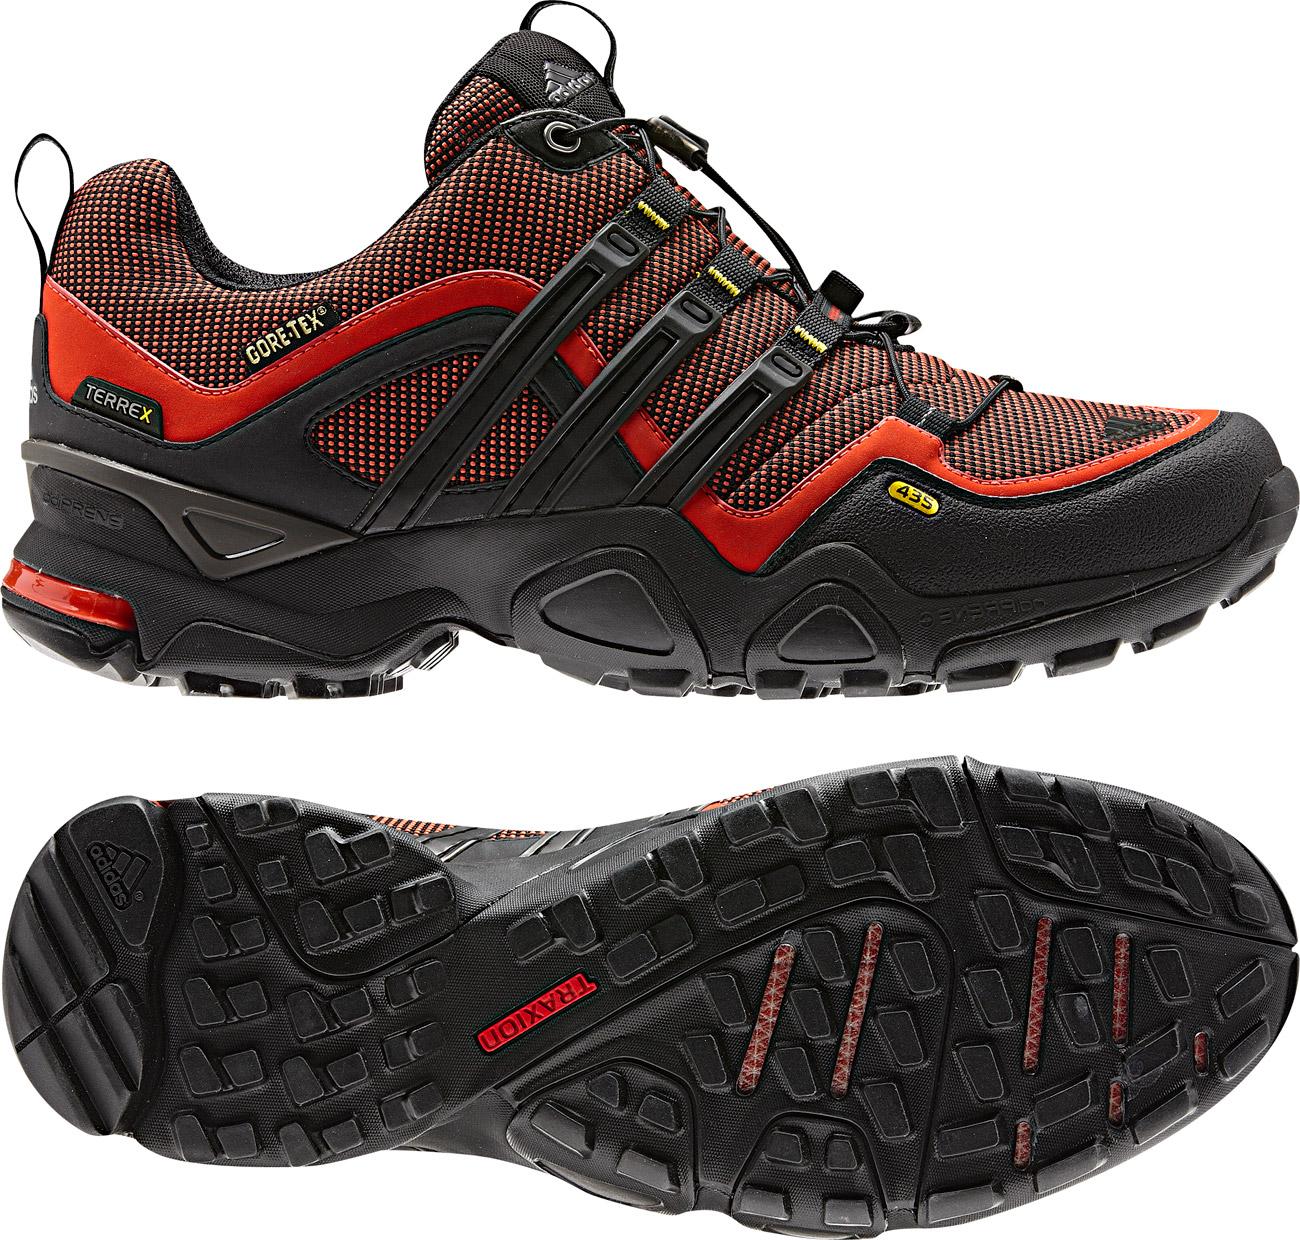 adidas TERREX Fast X GTX FM - adidas LH24 tip. Extra lehká outdoorová obuv  pro rychlý a dynamický pohyb v terénu a49228396c1